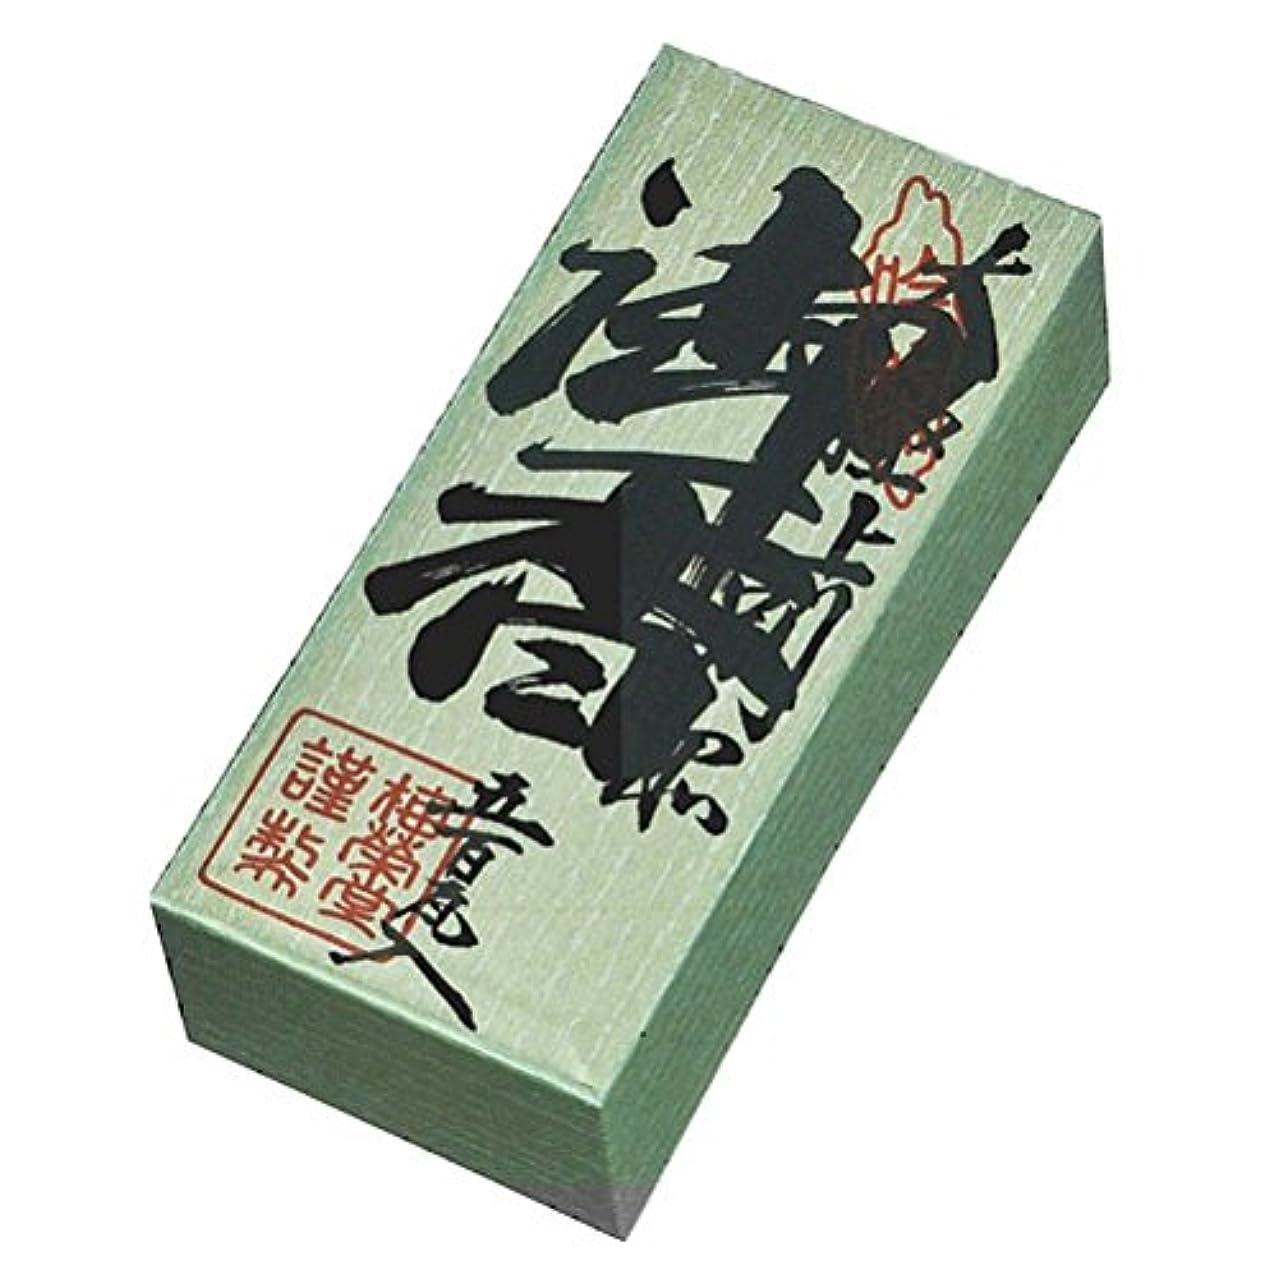 舌な広々とした顎特撰崇徳印 500g 紙箱入り お焼香 梅栄堂